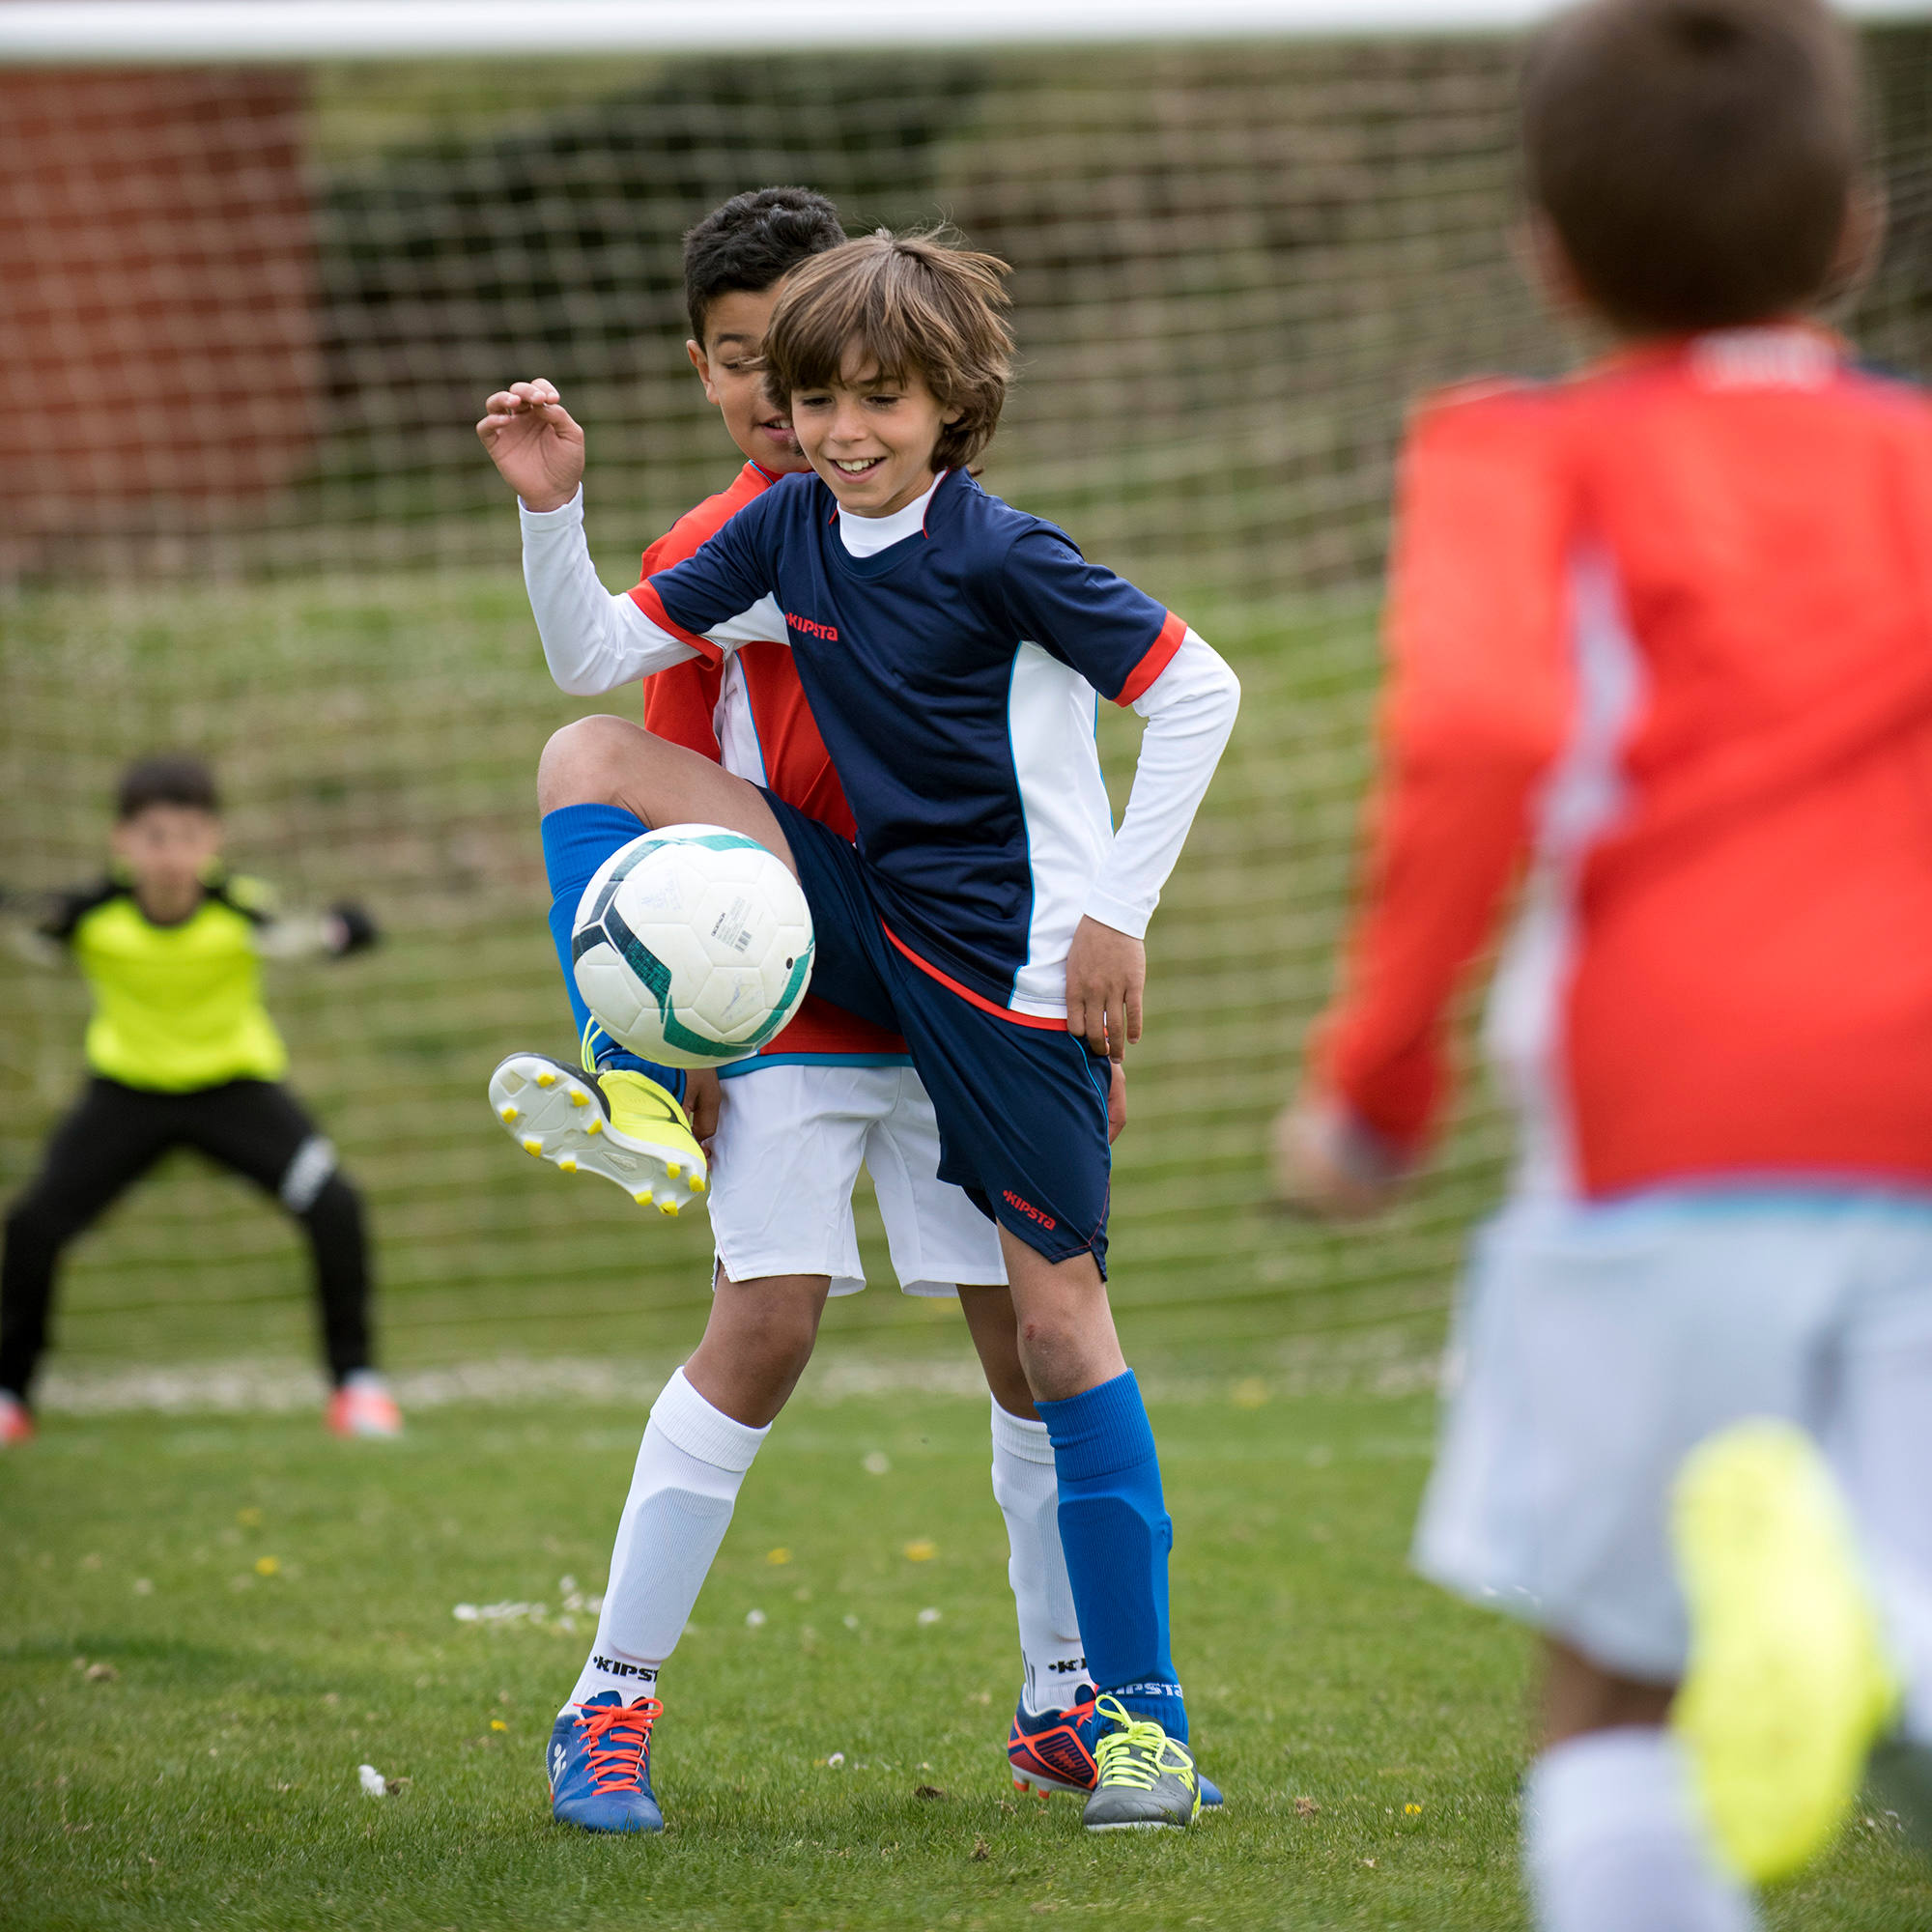 Mediocentro Futbol